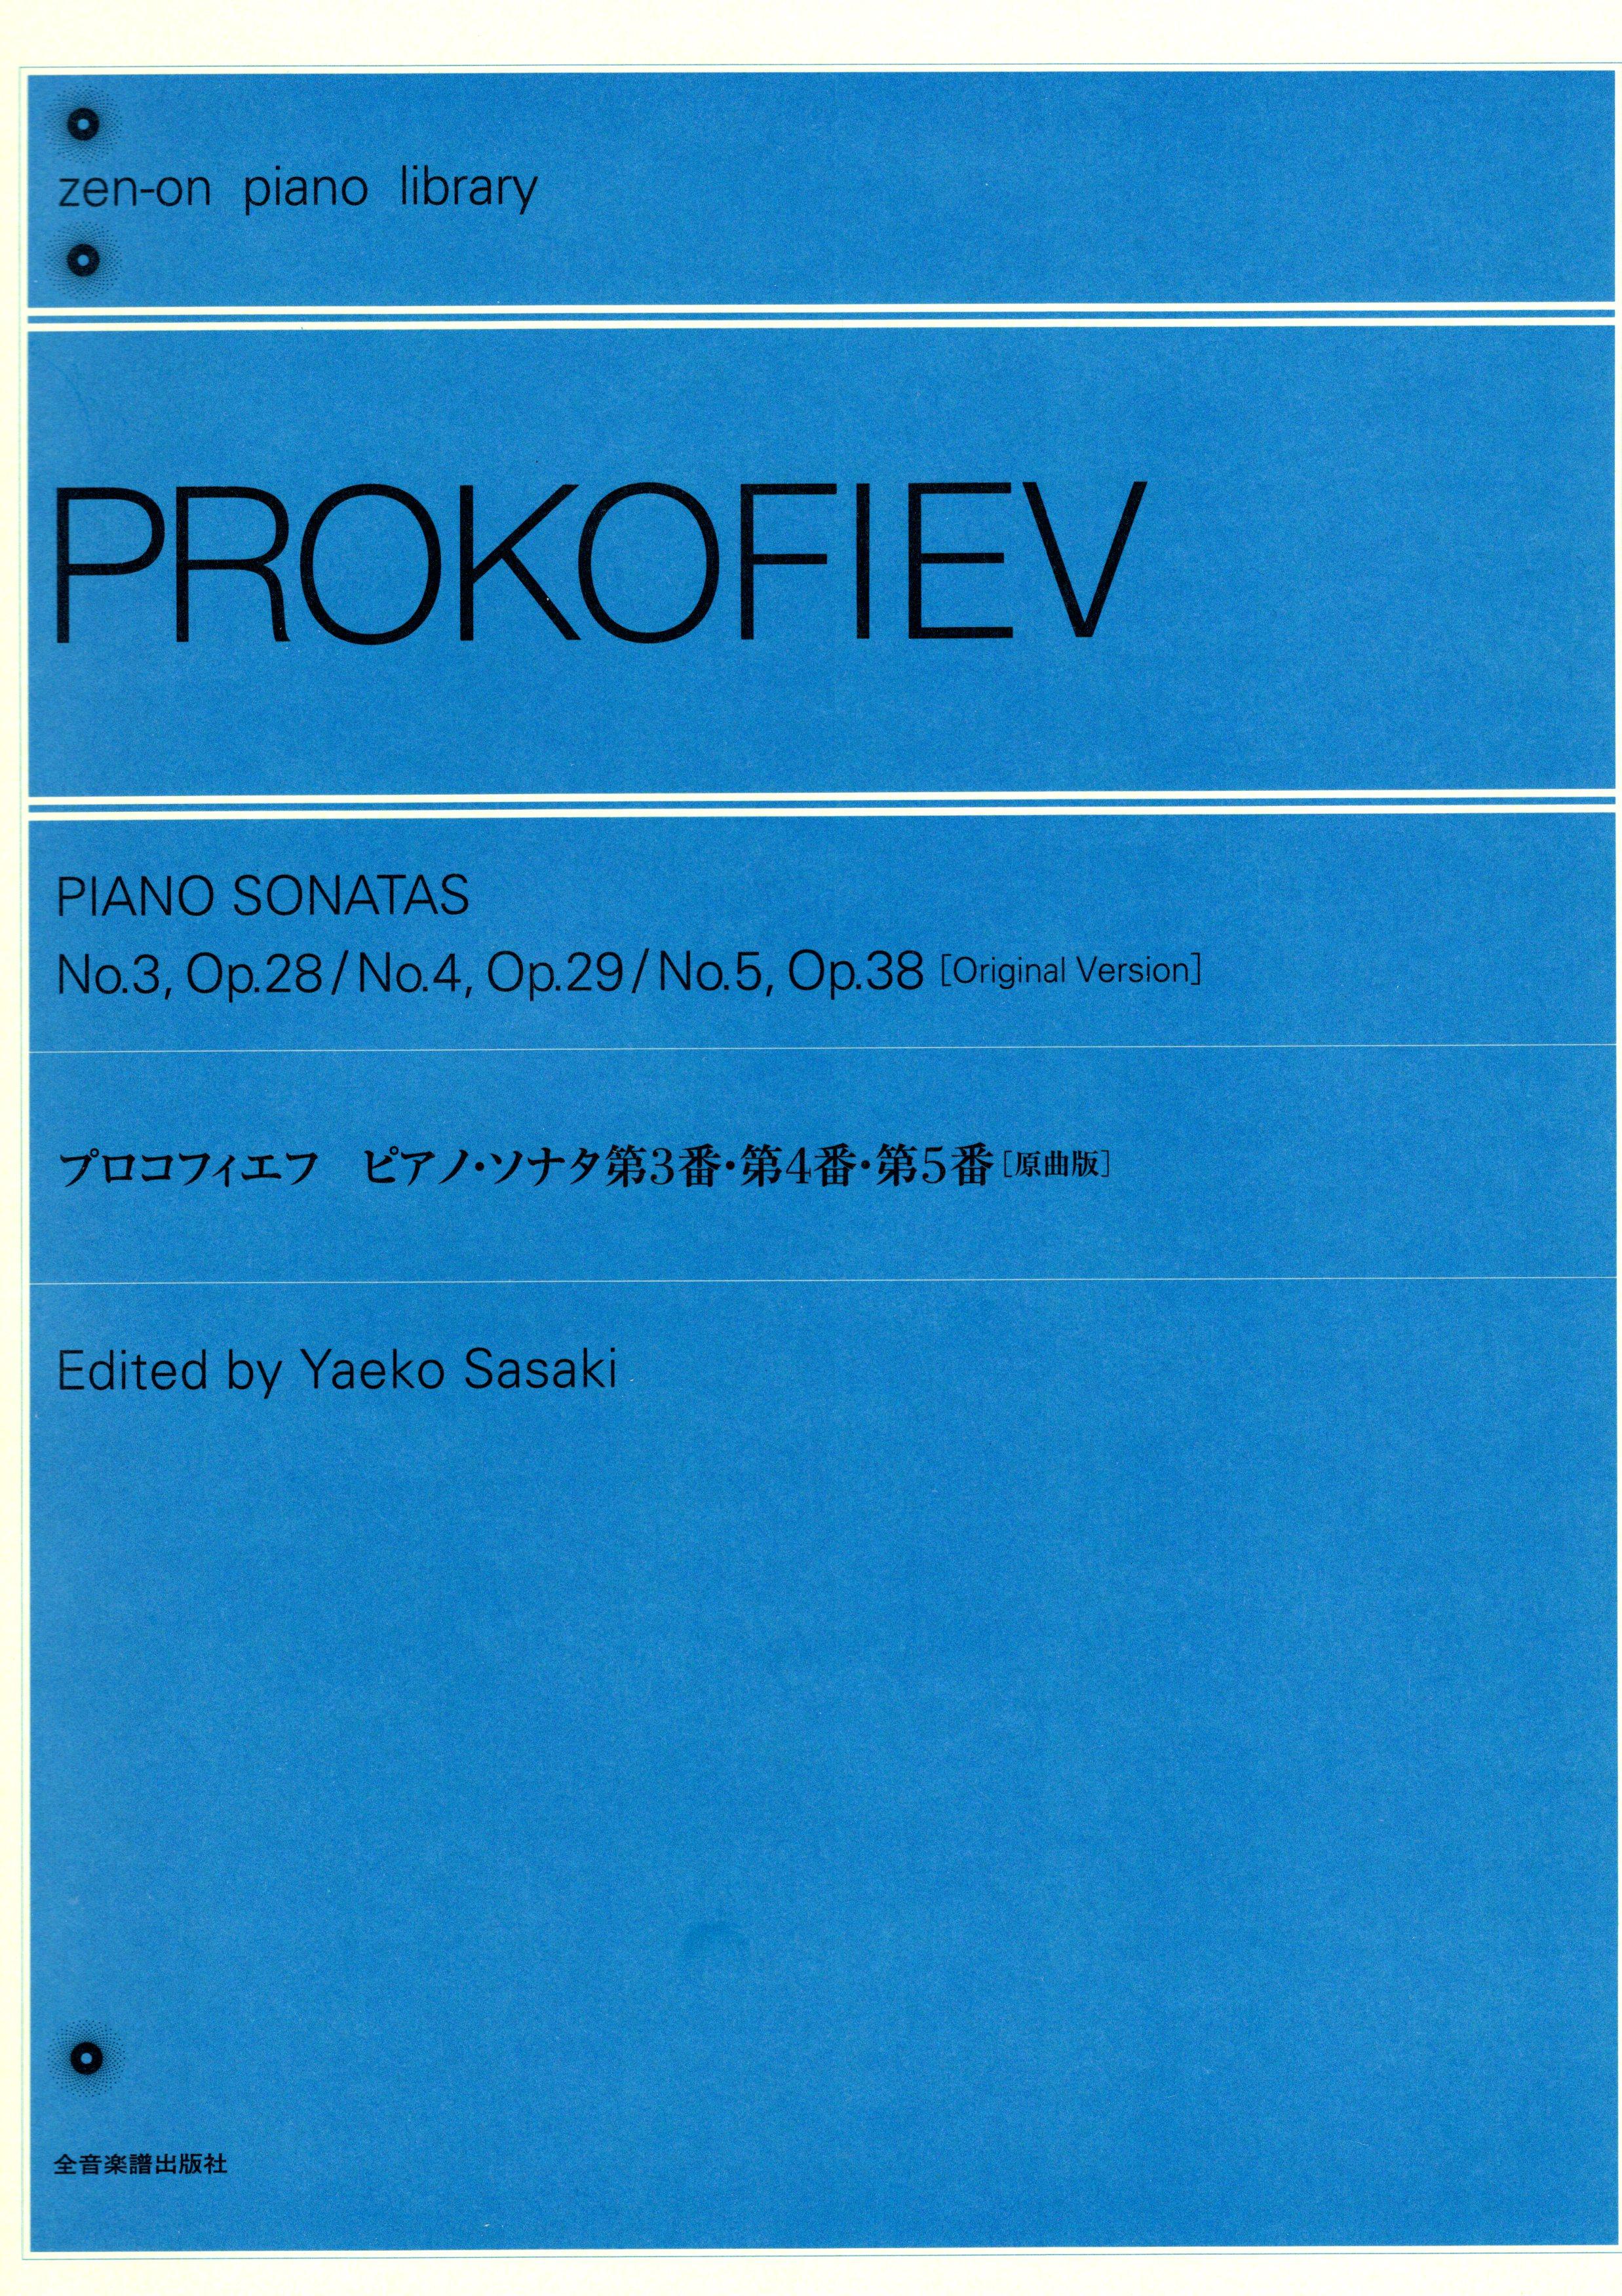 【獨奏鋼琴樂譜】Prokofiev Piano Sonatas No.3, Op28 / No.4, Op.29 /No.5, Op.38 [Original Version] ピアノ・ソナタ 第3番